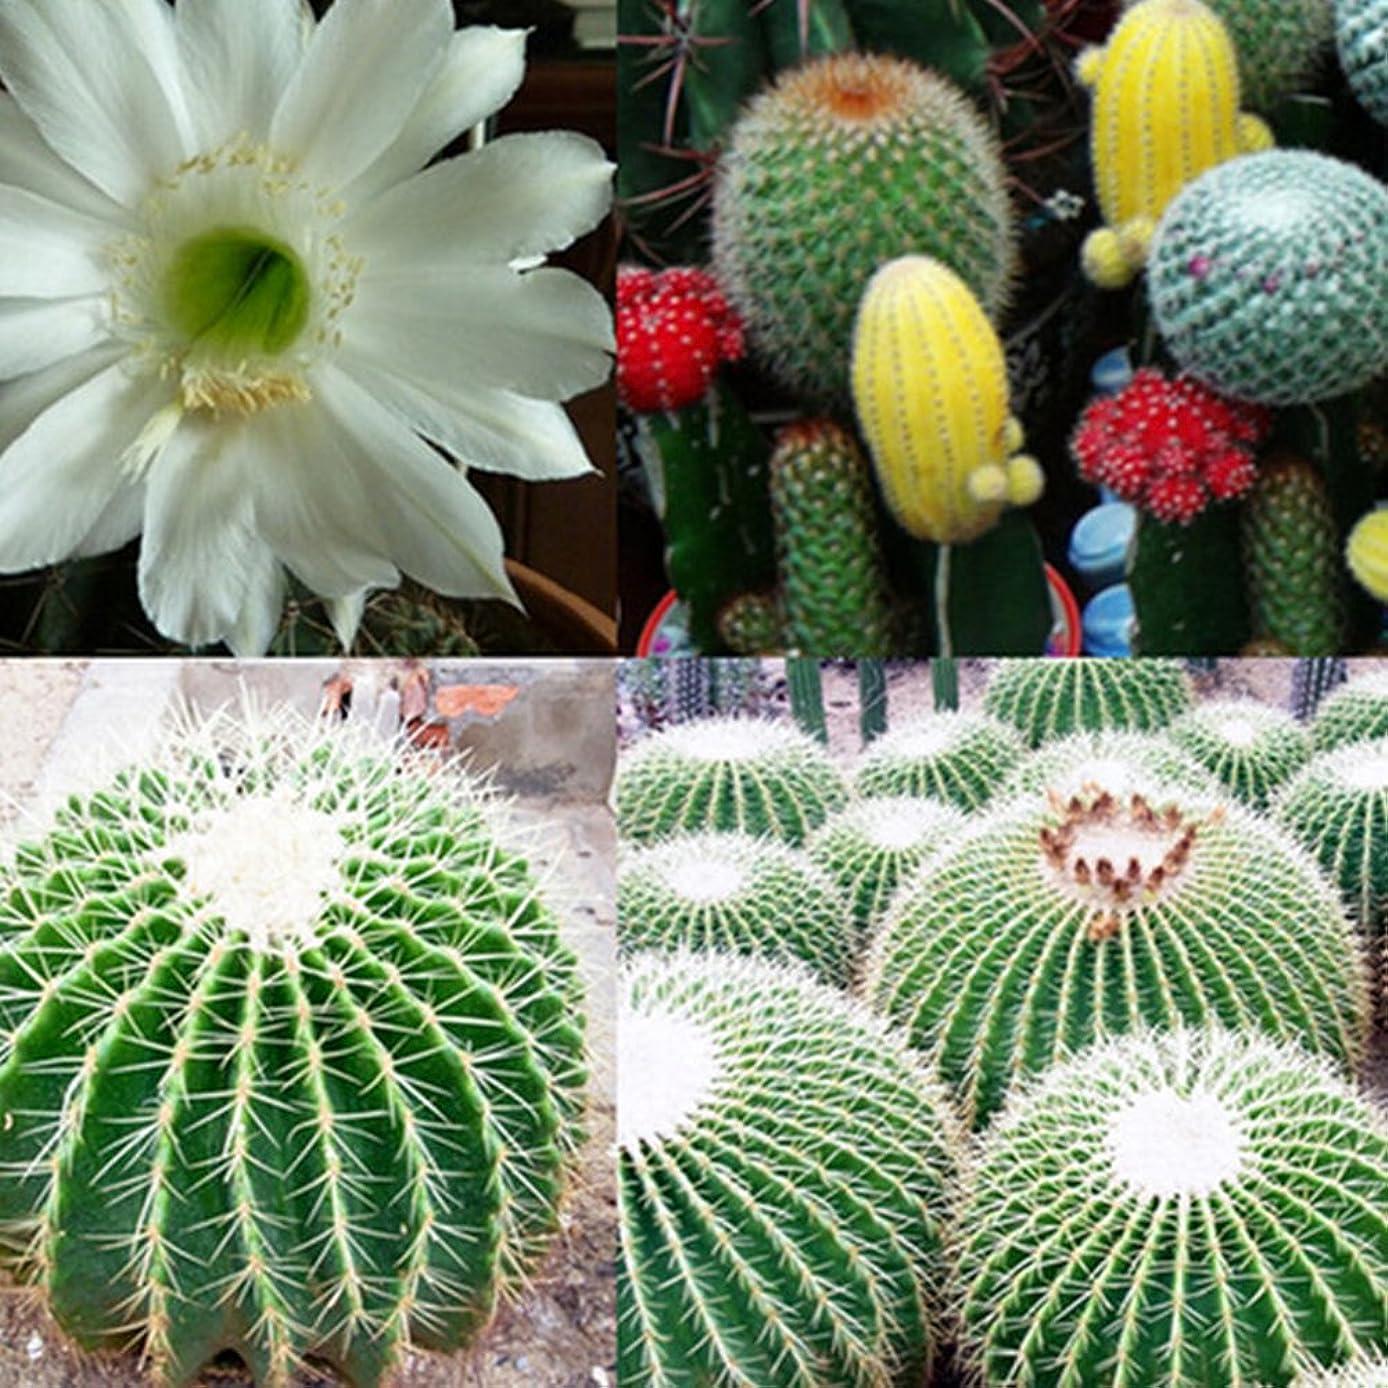 Wintefei 20 Pcs Mixture Color Cactus Flower Plant Beautiful Indoor Outdoor Garden Decor